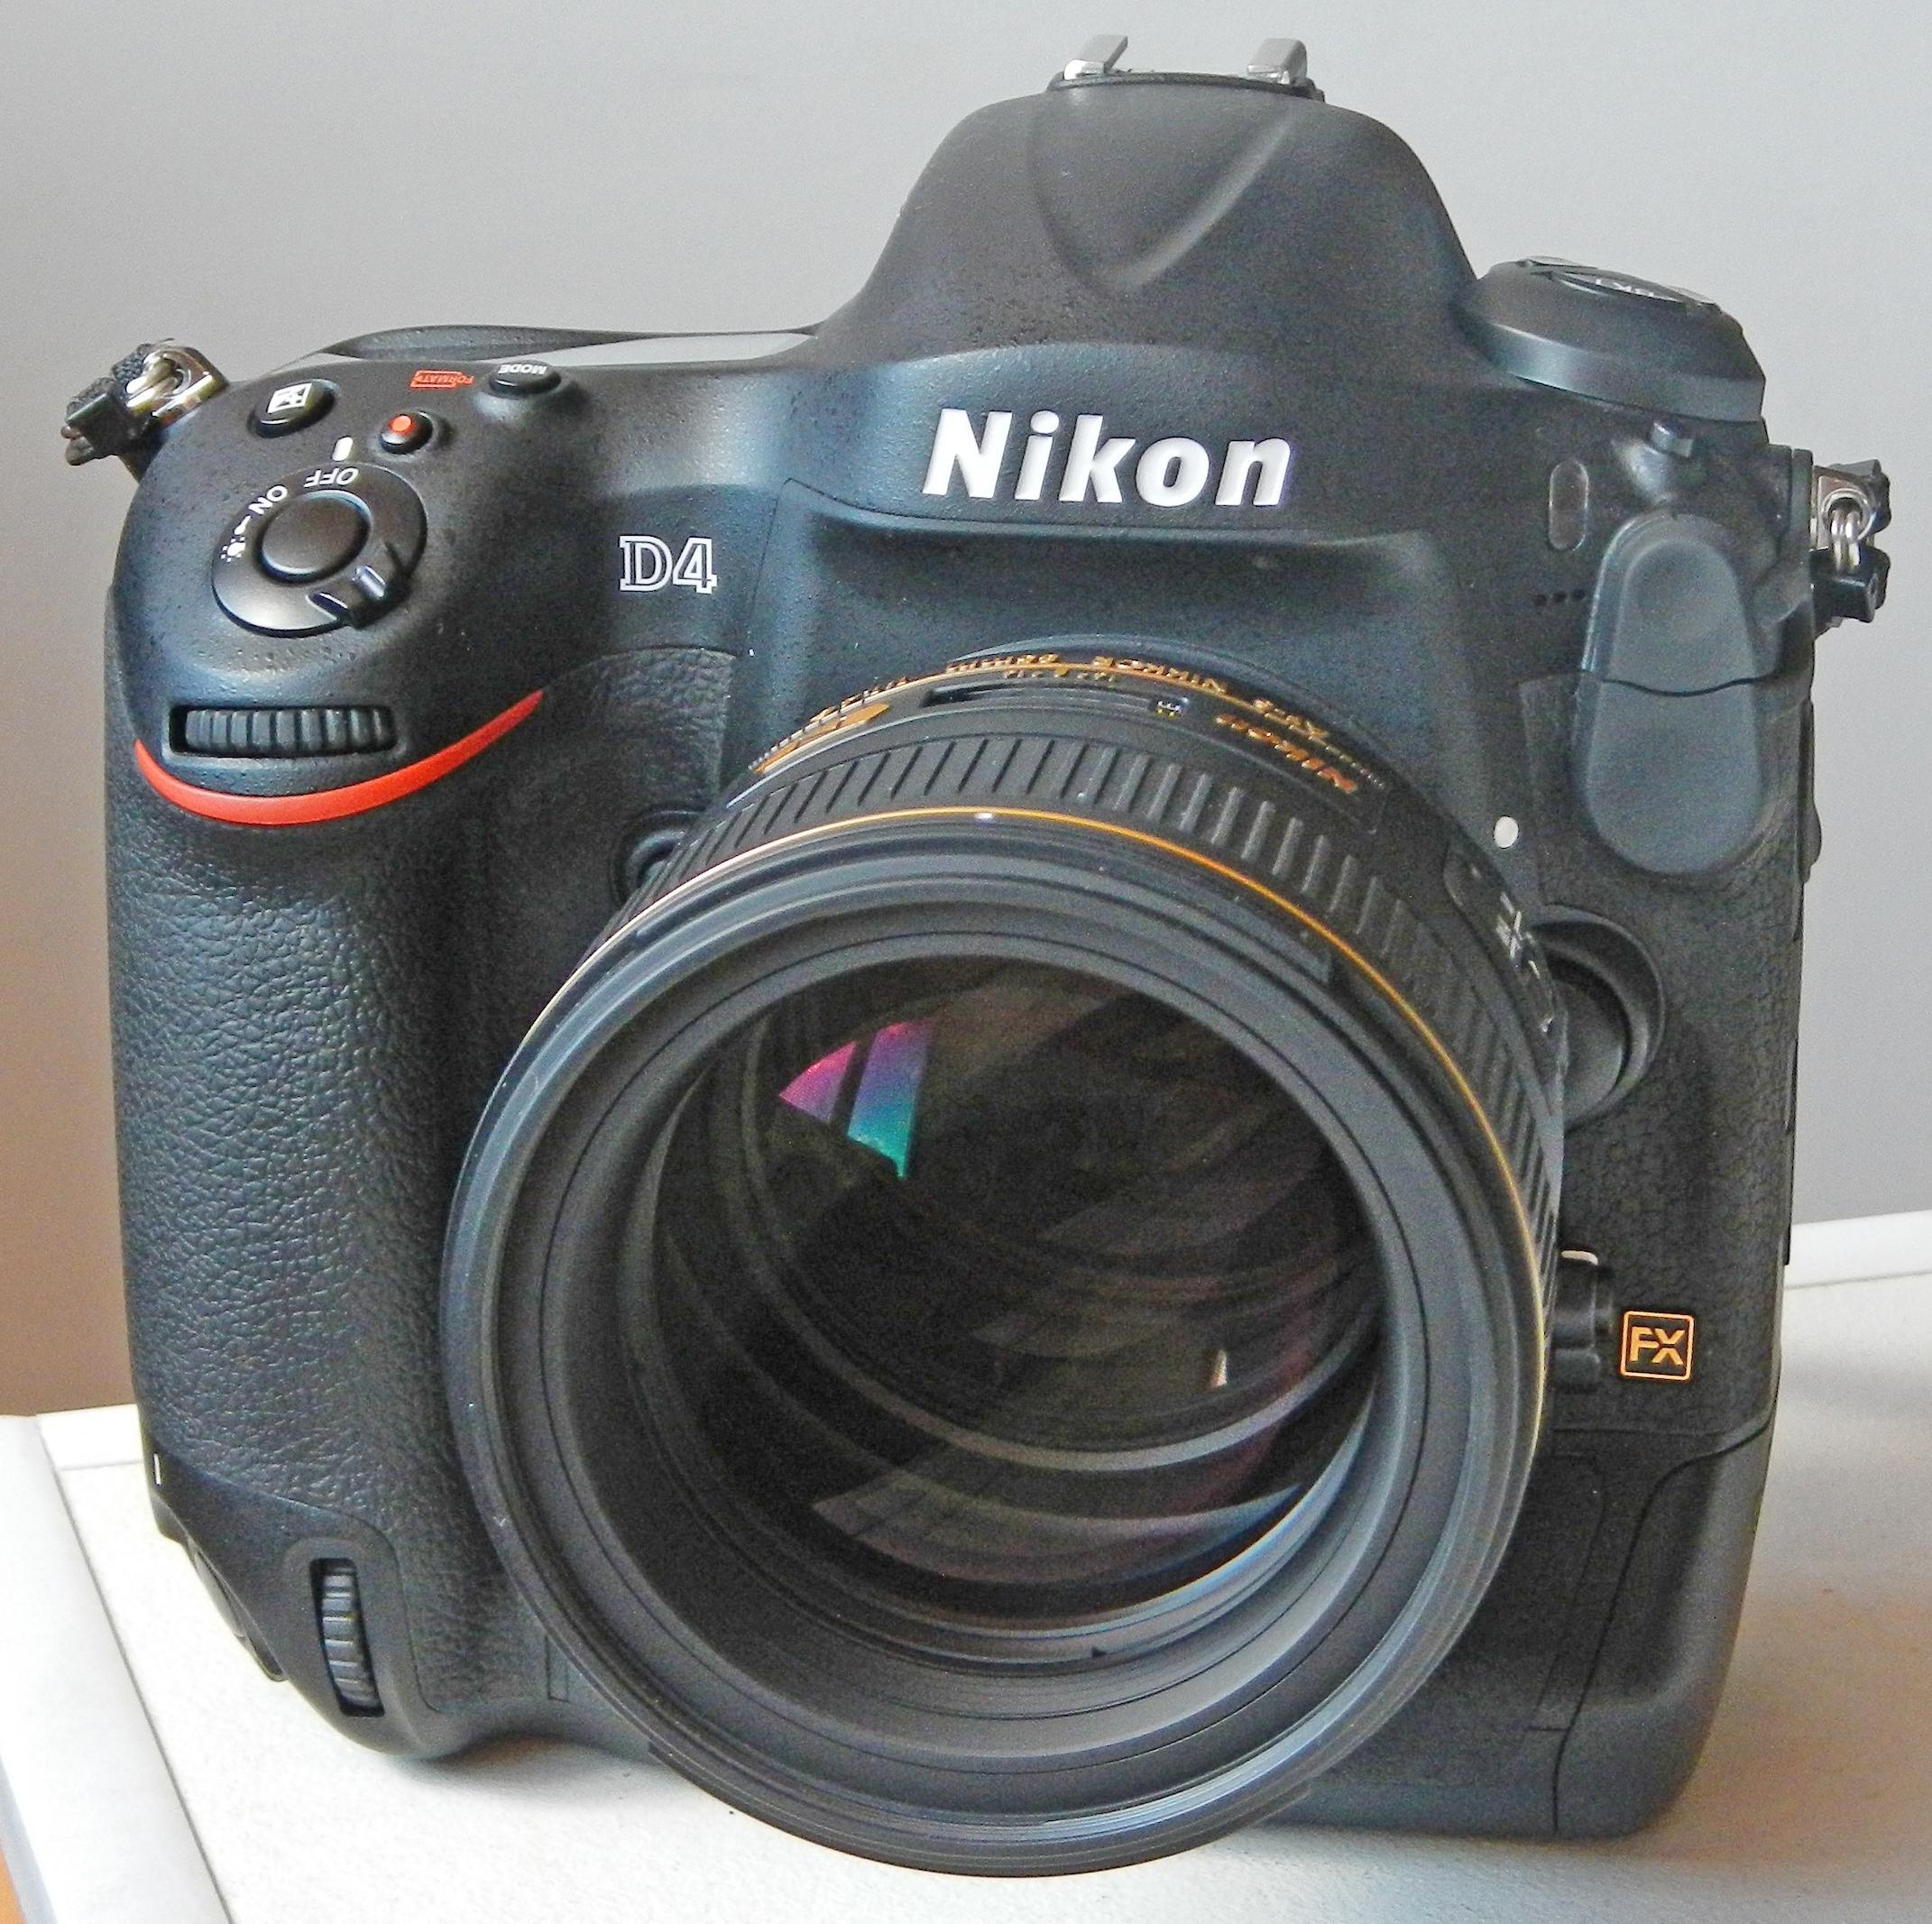 Nikon D4 - Wikipedia